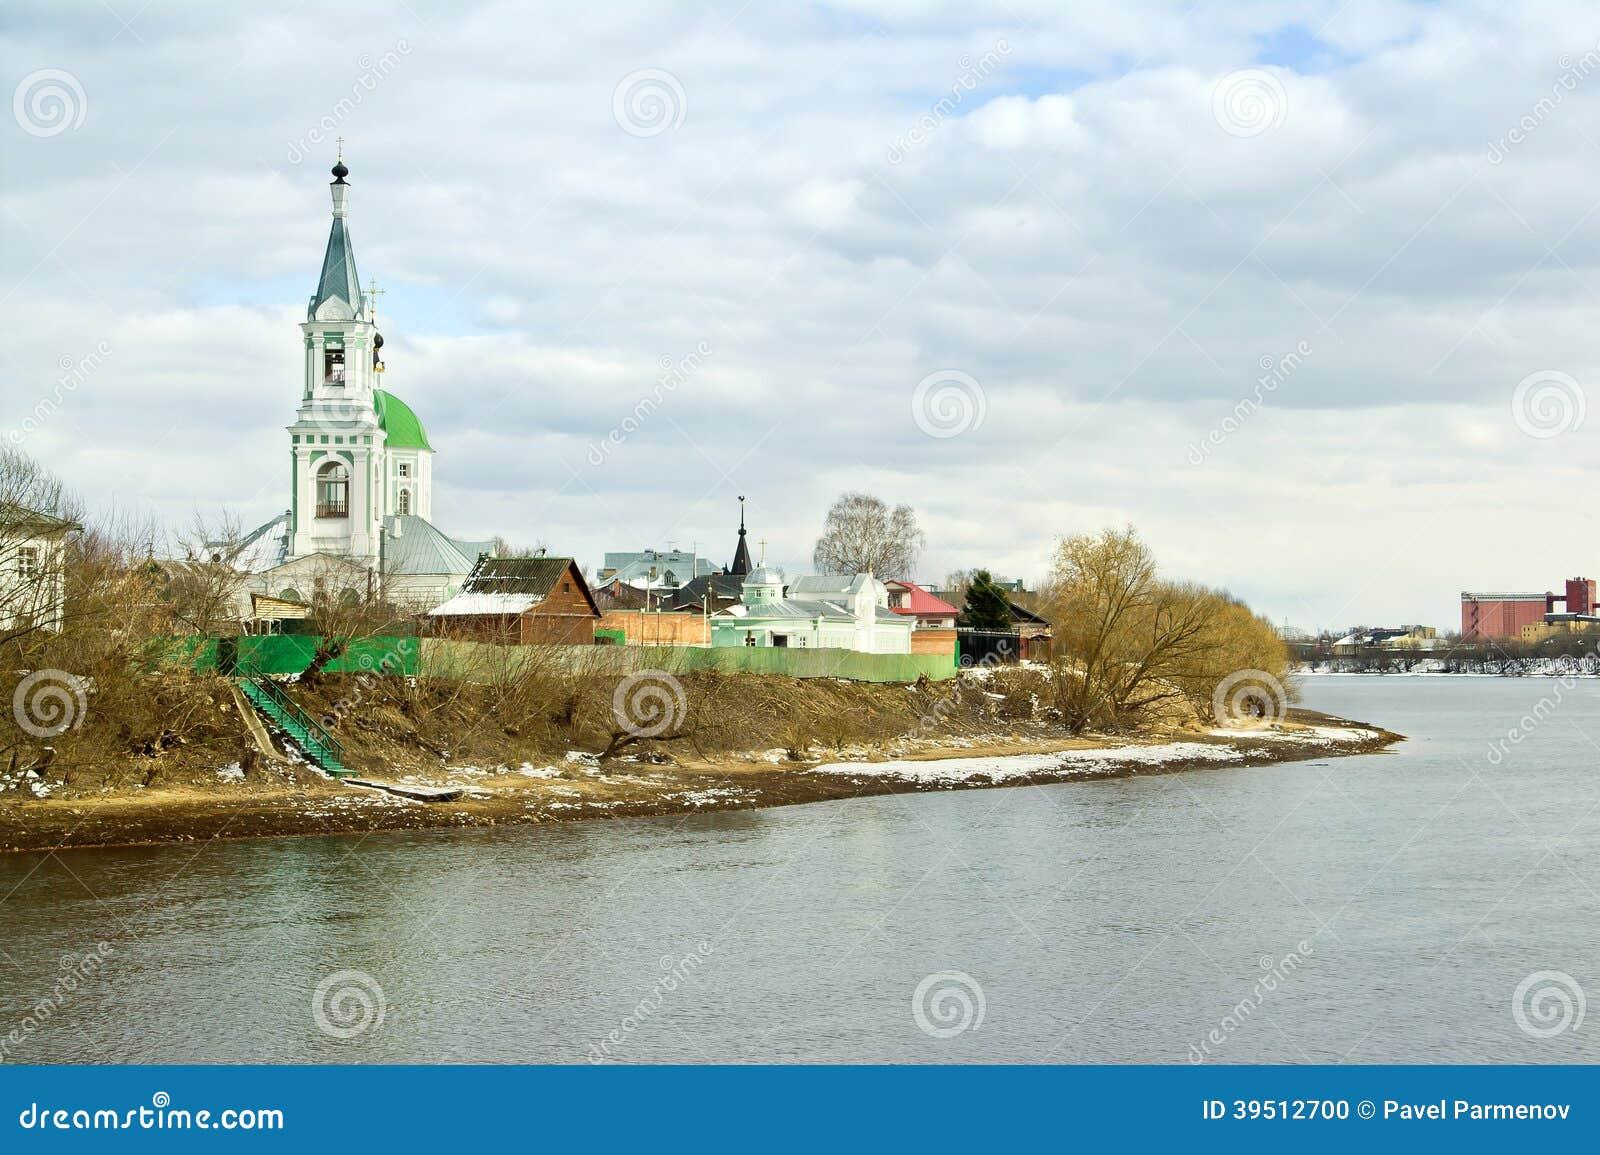 特维尔。凯瑟琳女修道院。凯瑟琳教会